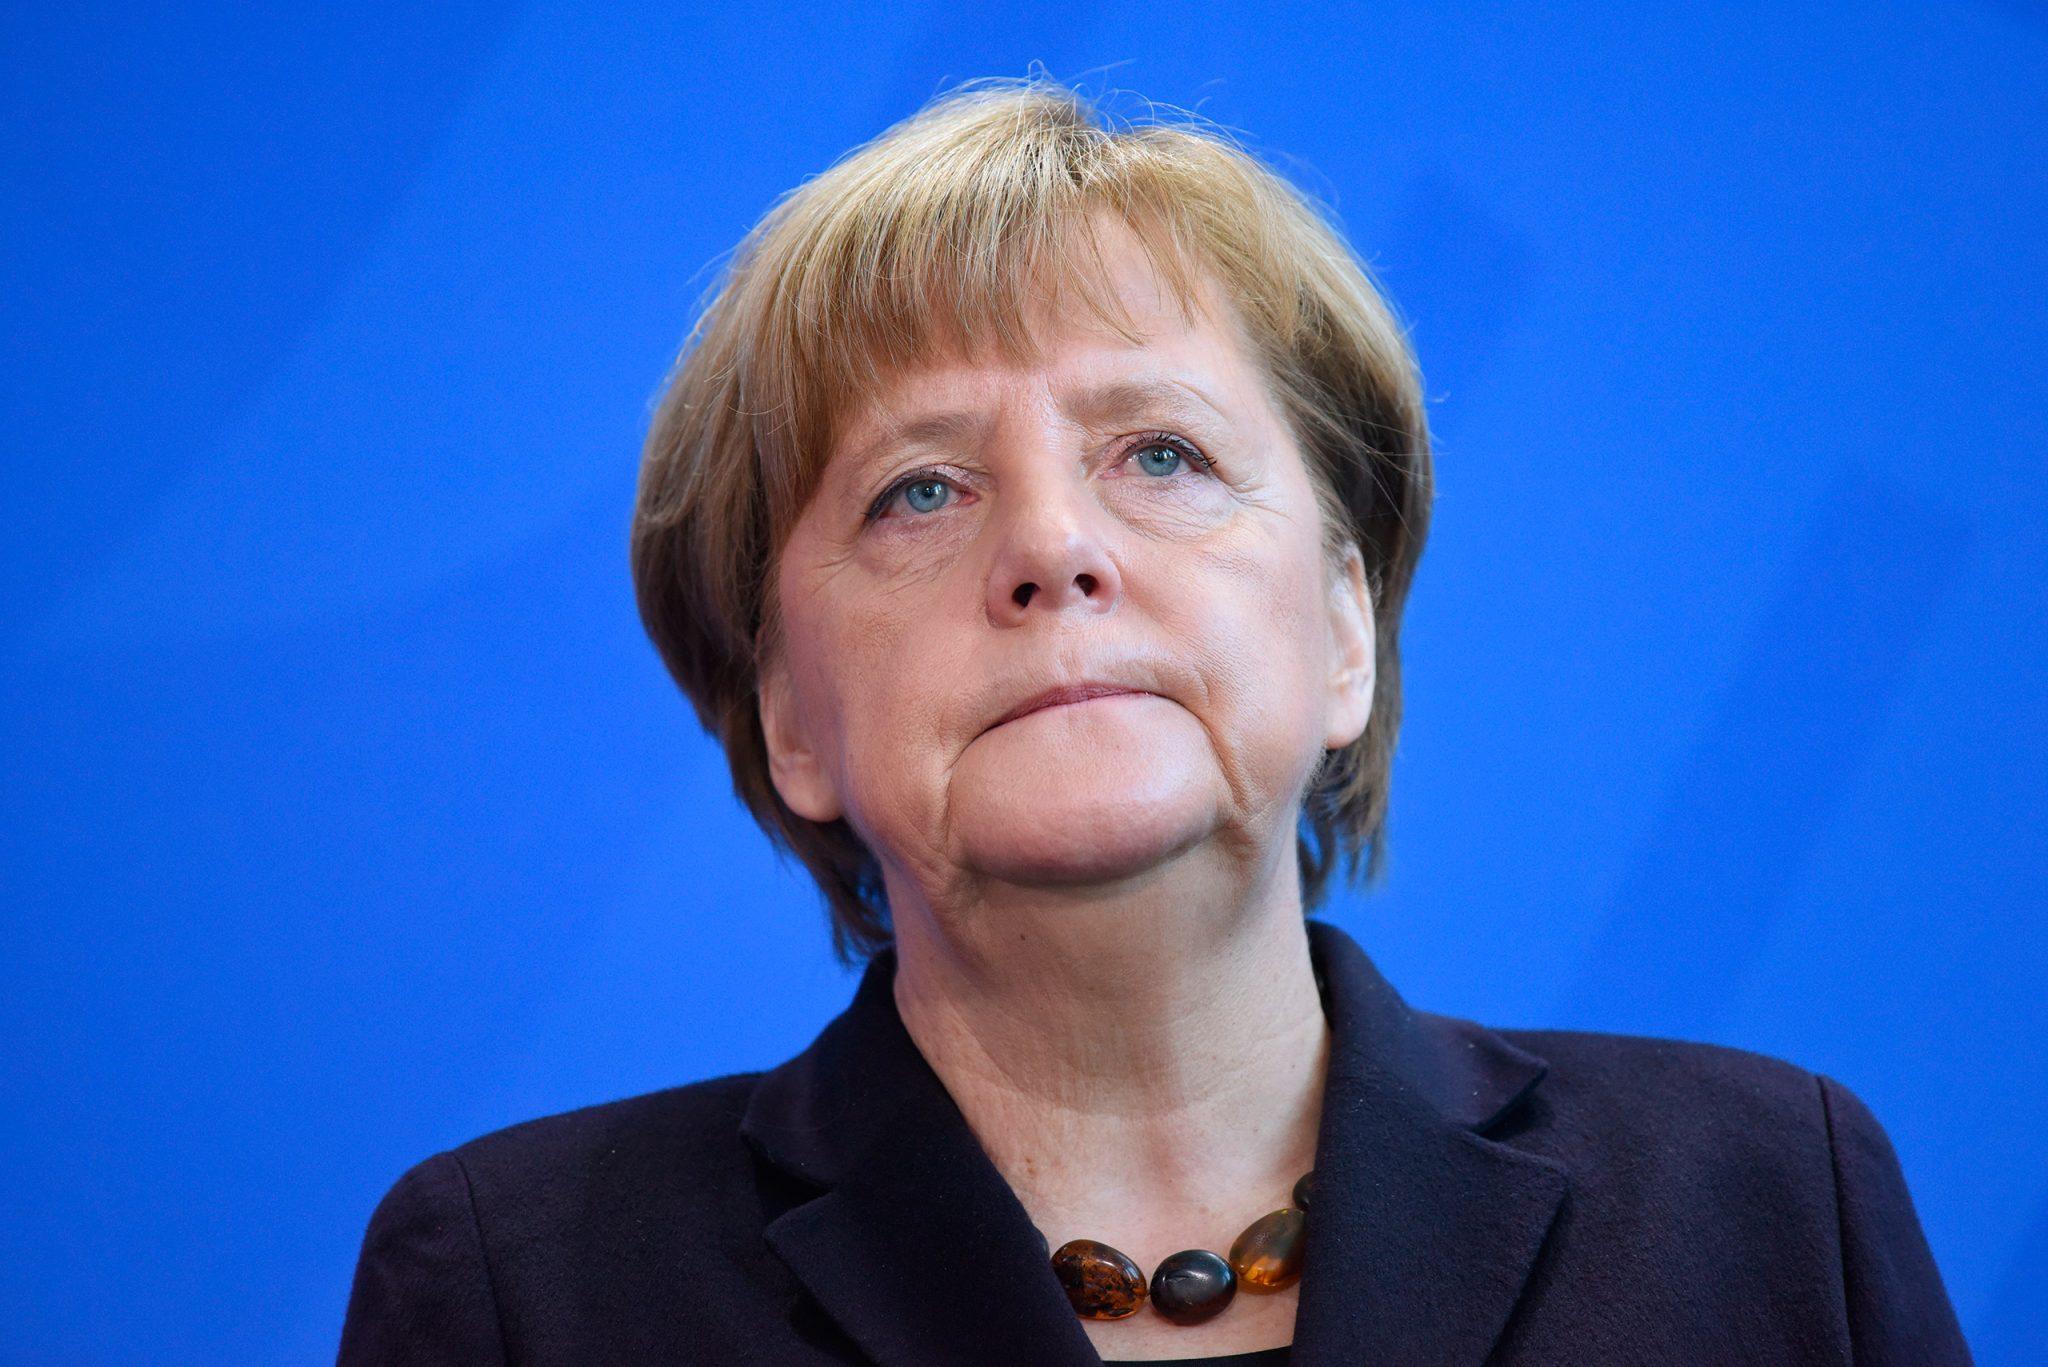 Peste o treime dintre germani ar dori ca Merkel să plece din fruntea guvernului mai devreme